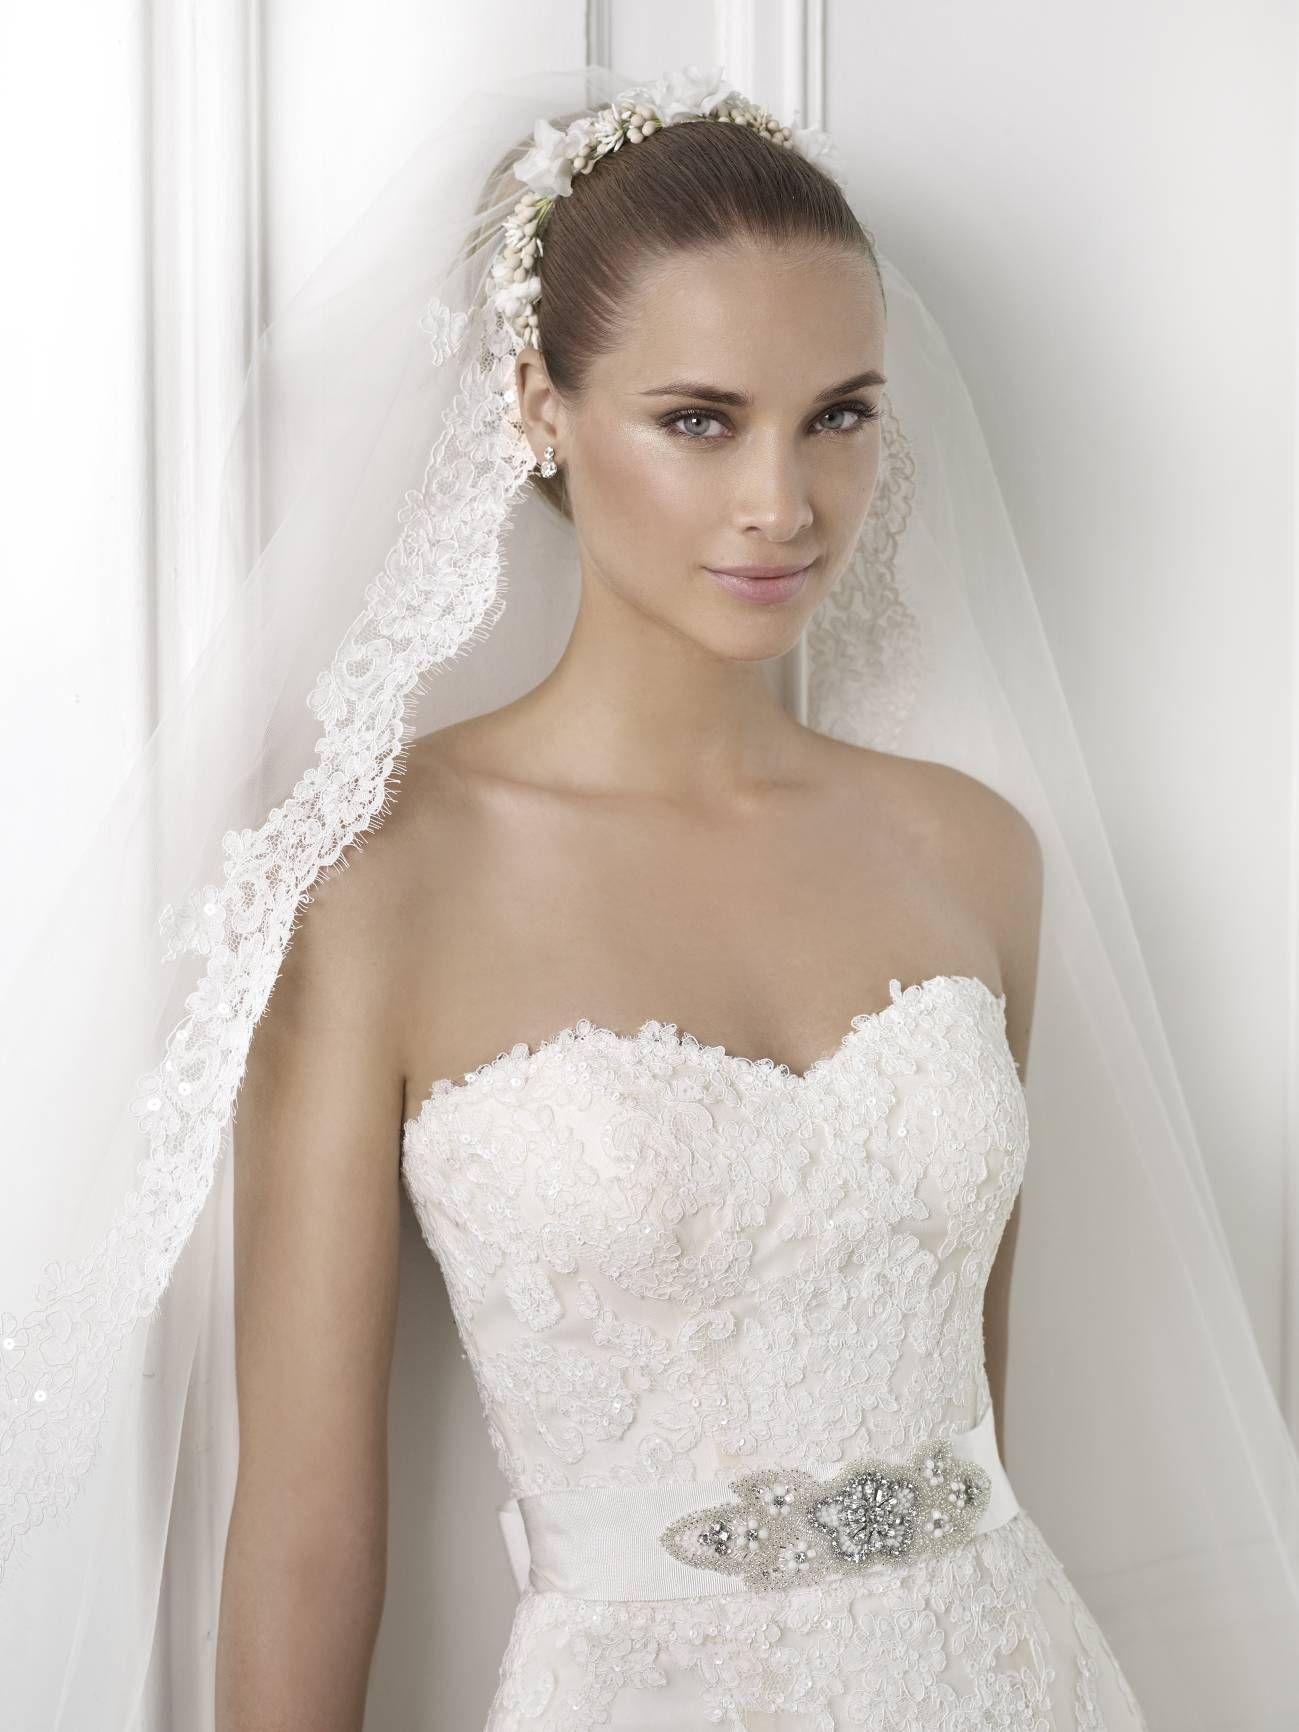 A csodálatos Basma a 2015-ös Pronovias menyasszonyi ruha kollekcióból  kölcsönözhető a La Mariée Budapest esküvői ruhaszalonban! 8c8f103c55